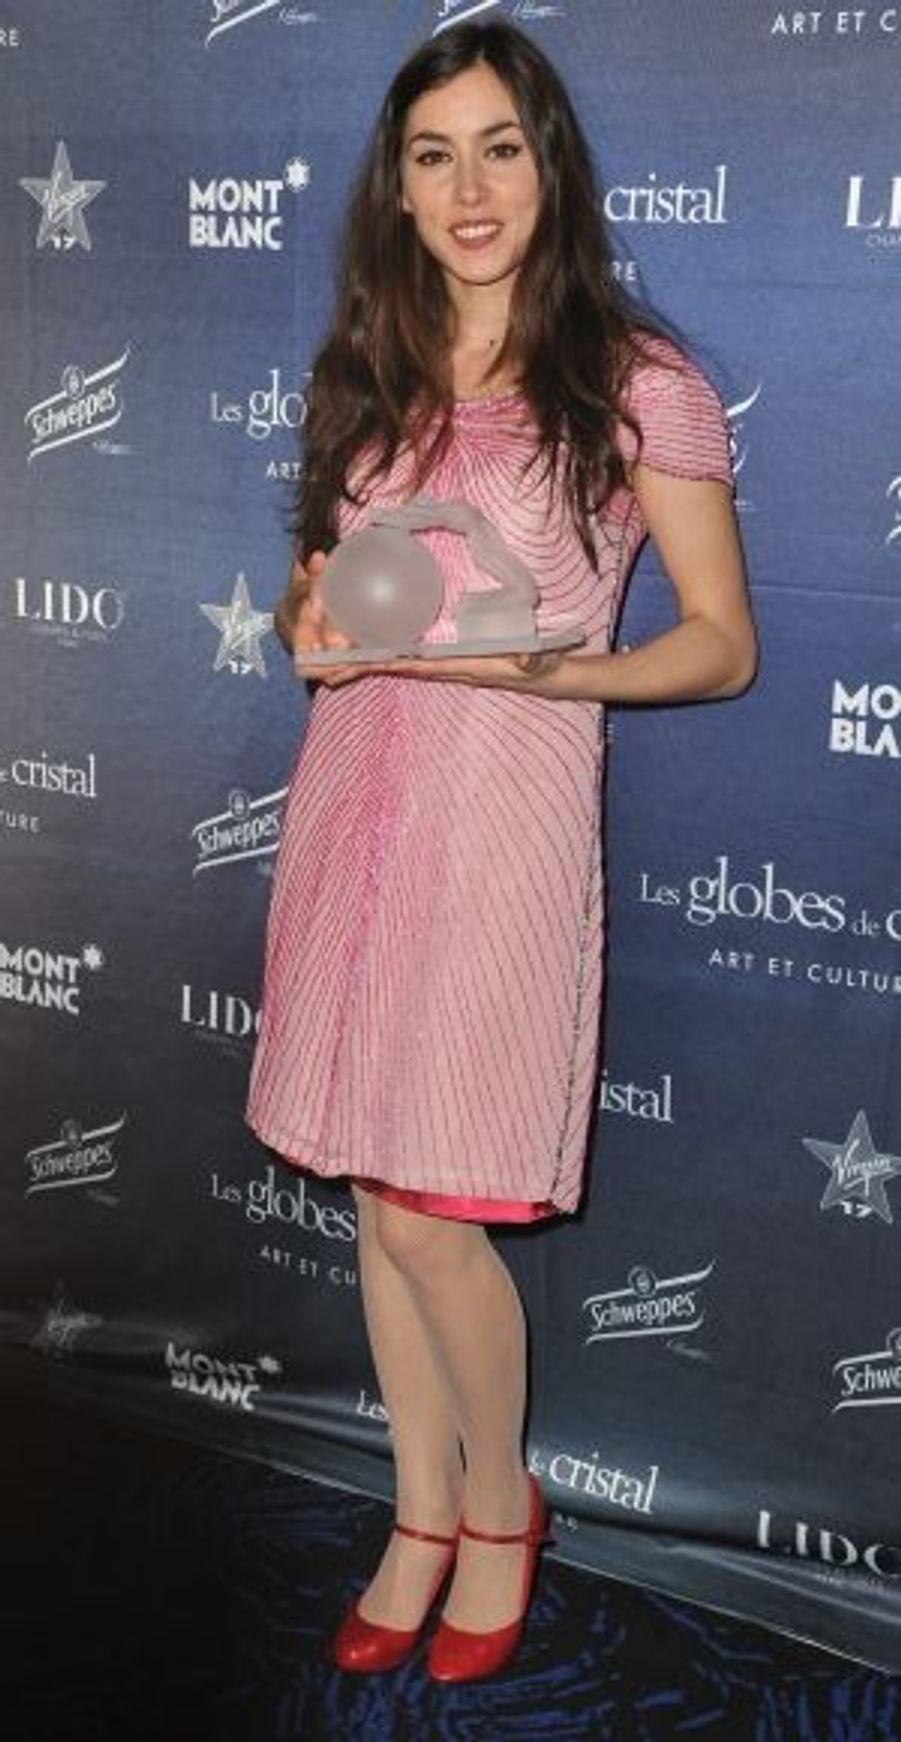 Olivia Ruiz a été sacrée Meilleure interprète féminine pour «Miss Meteor» (Polydor).